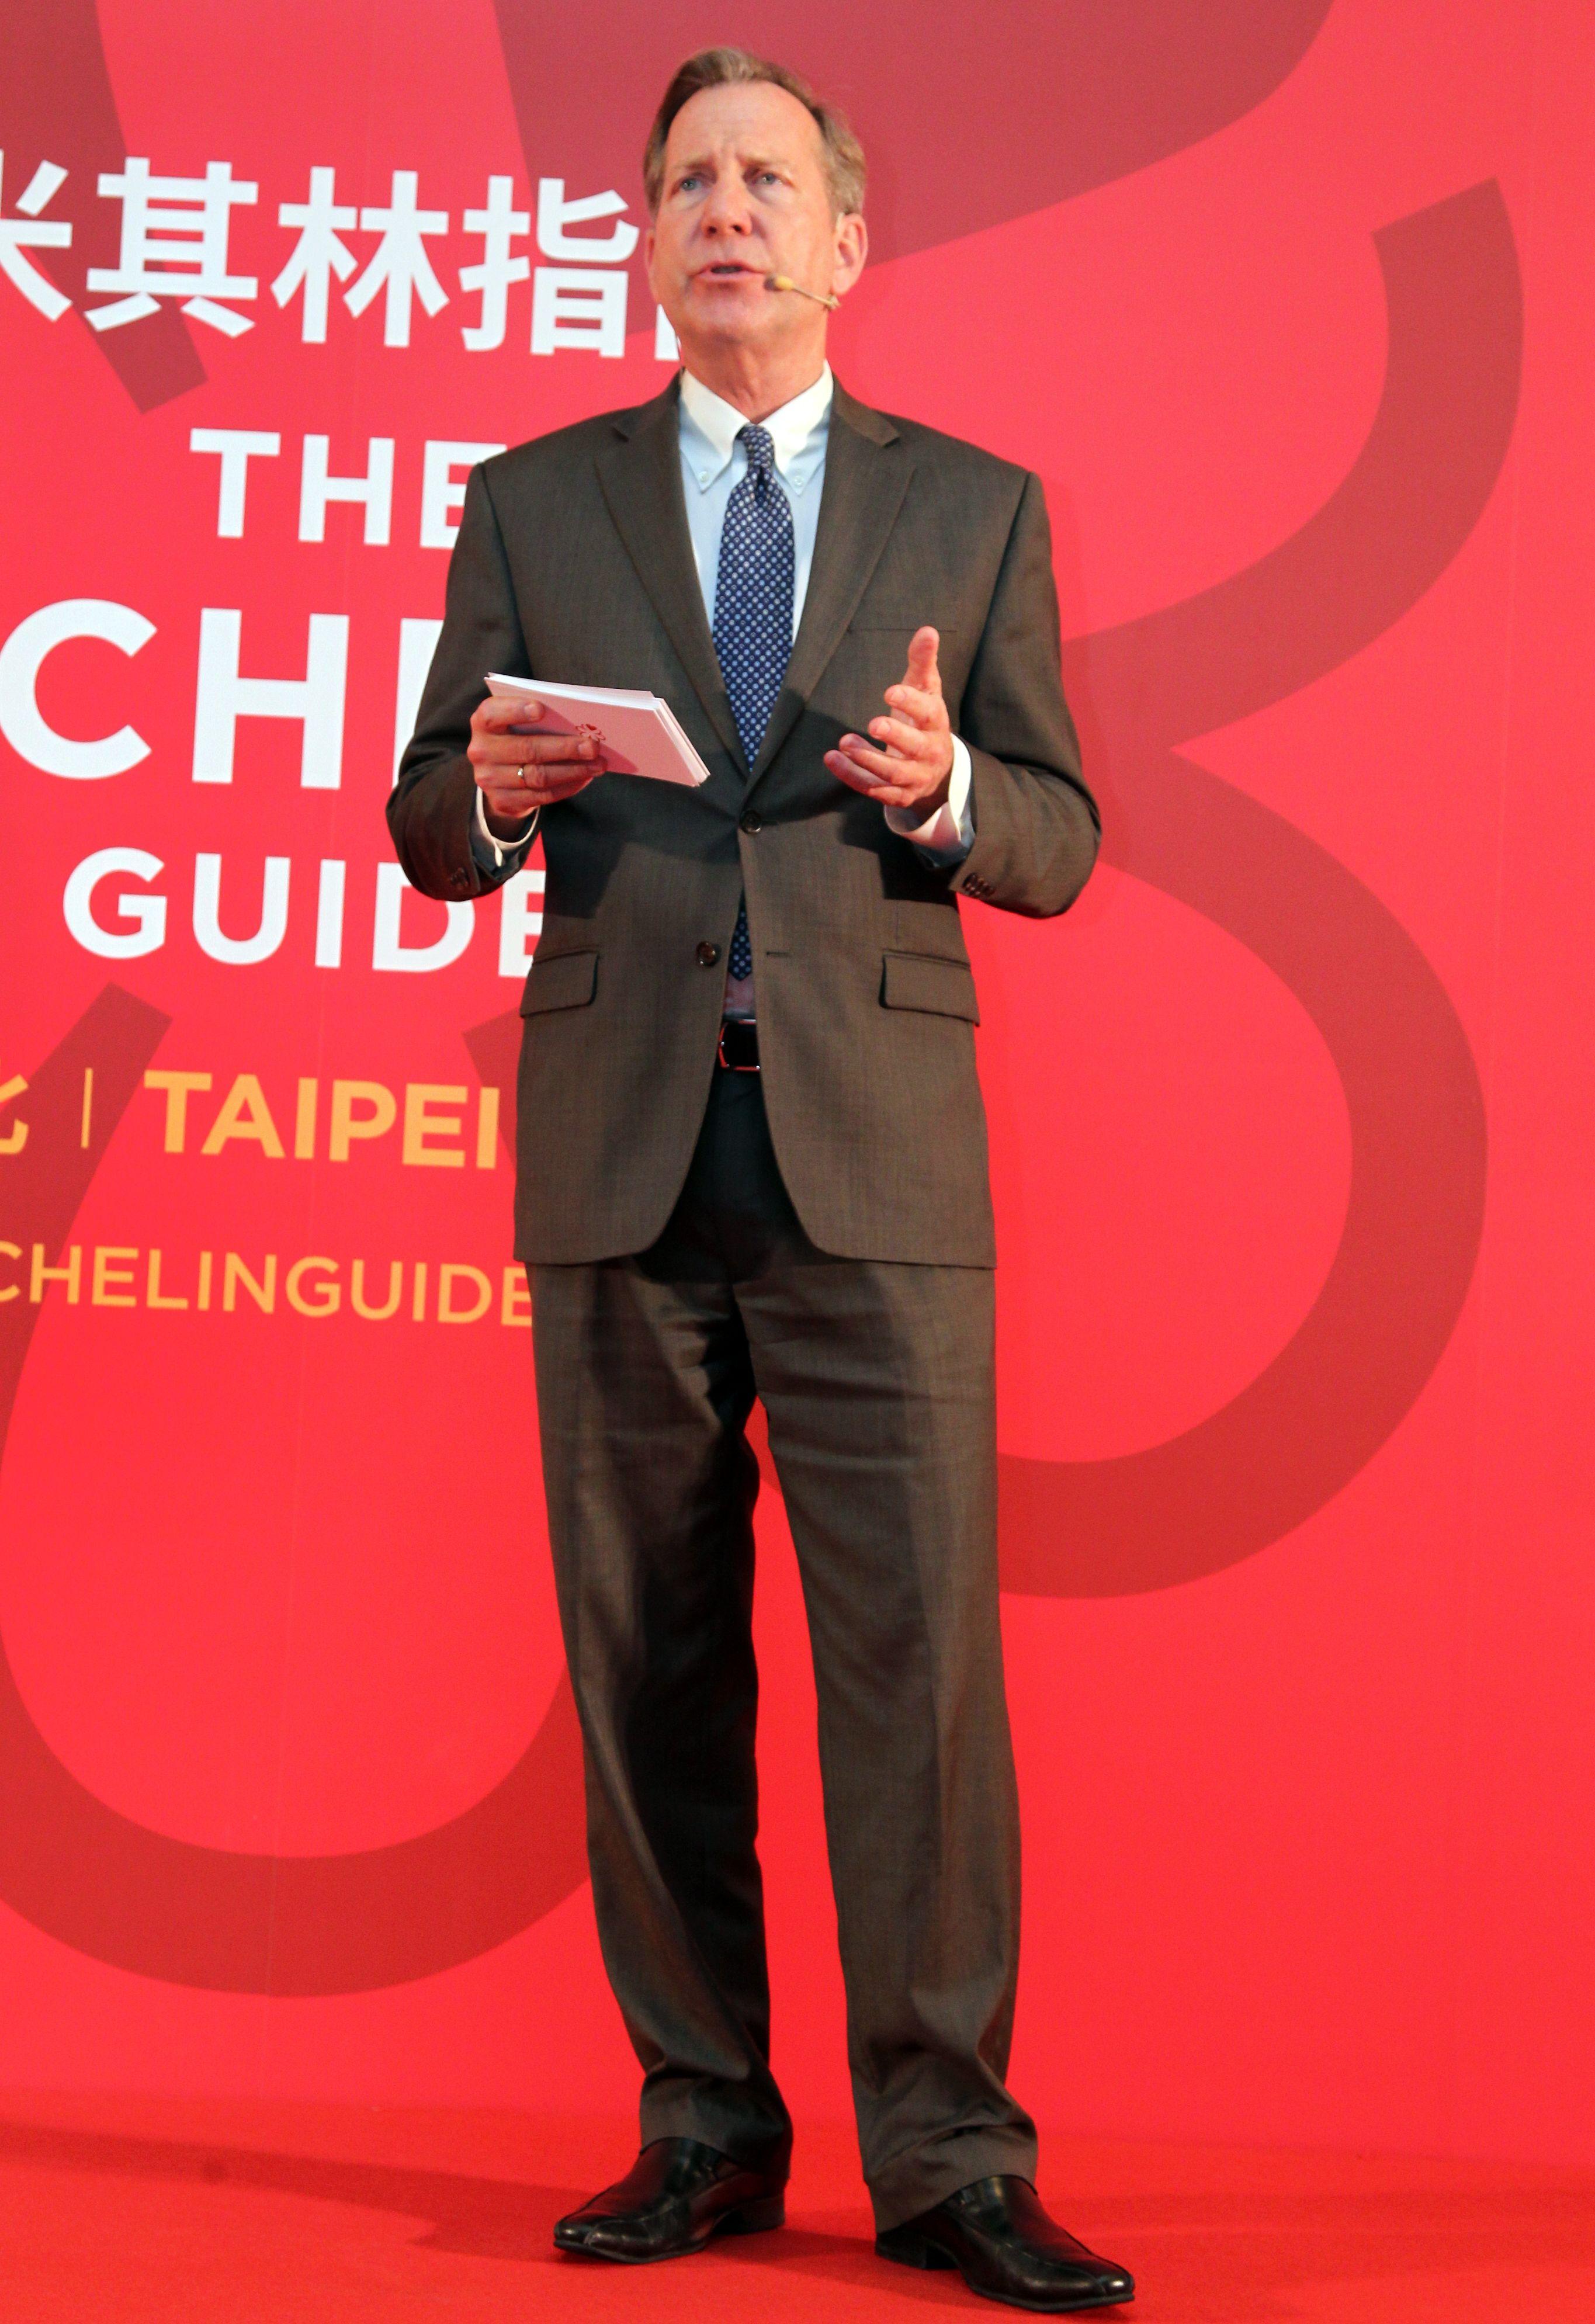 米其林指南國際總監米高艾利斯先生。(記者邱榮吉/攝影)